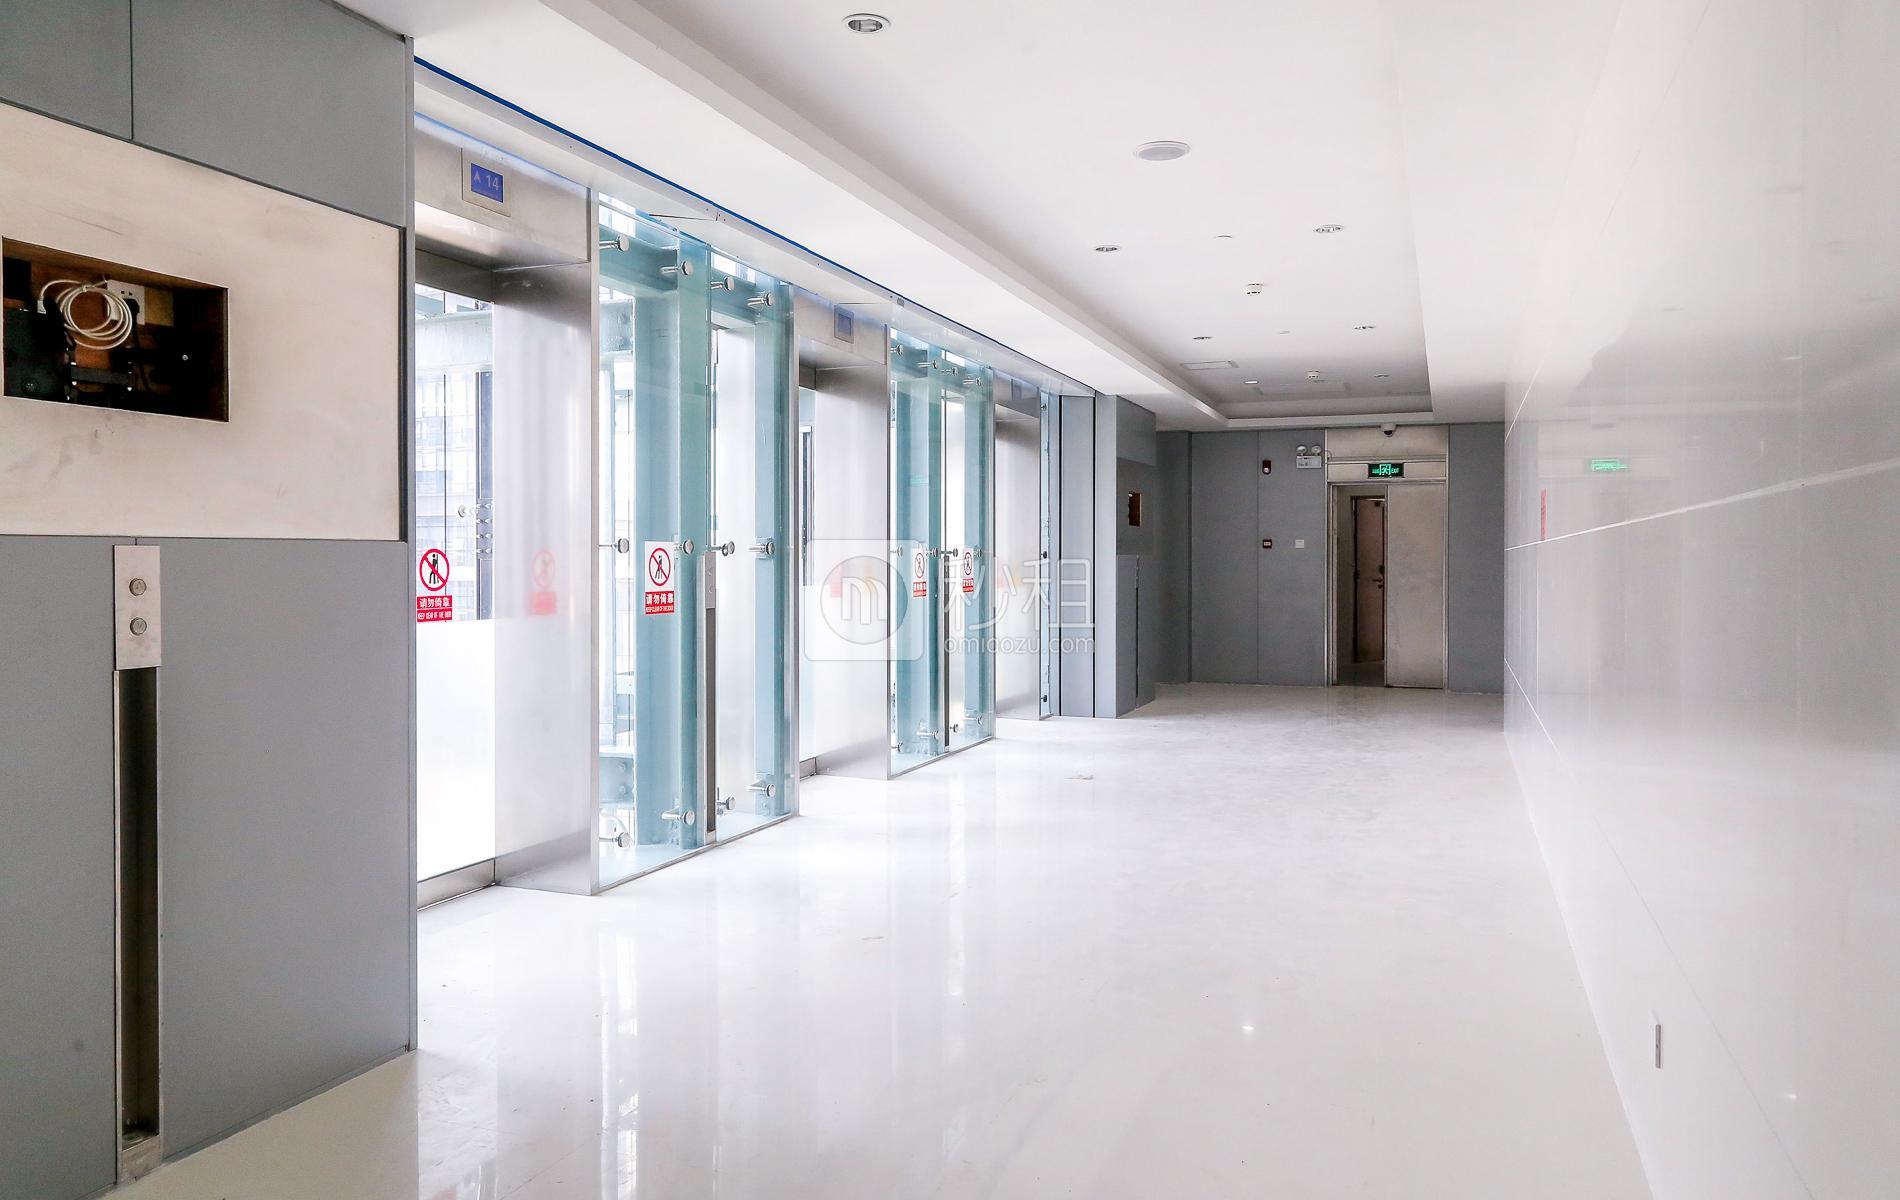 超多维科技大厦写字楼出租/招租/租赁,超多维科技大厦办公室出租/招租/租赁